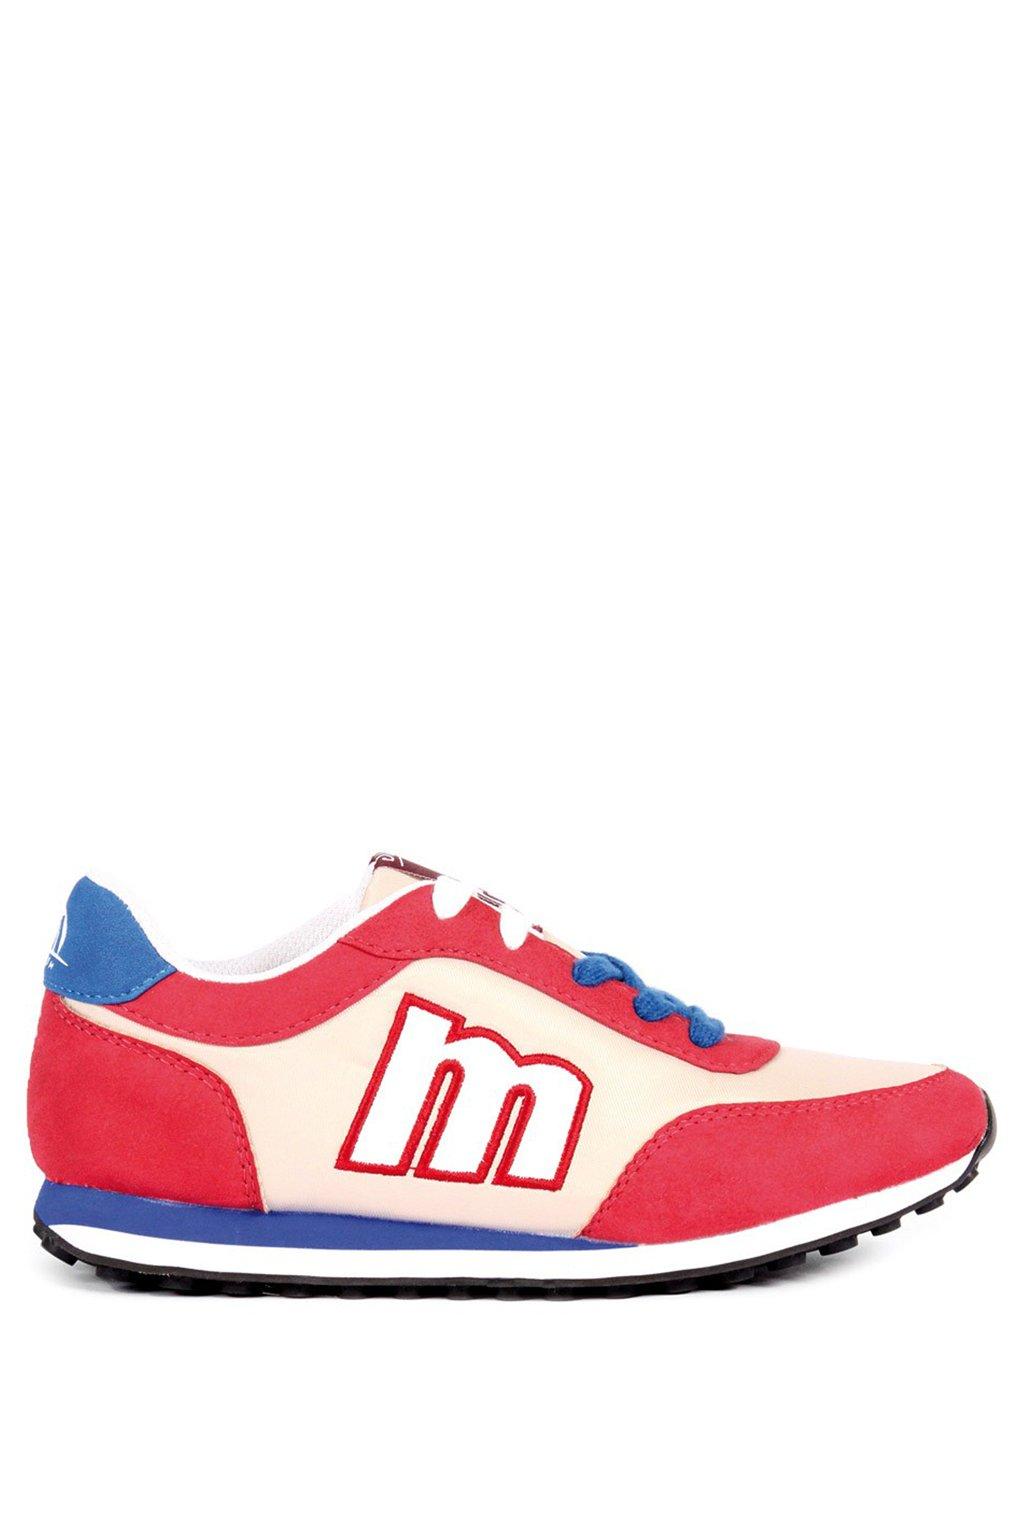 fc7a661d50 Mentolové tenisky Monshoe - DesignShoes.cz